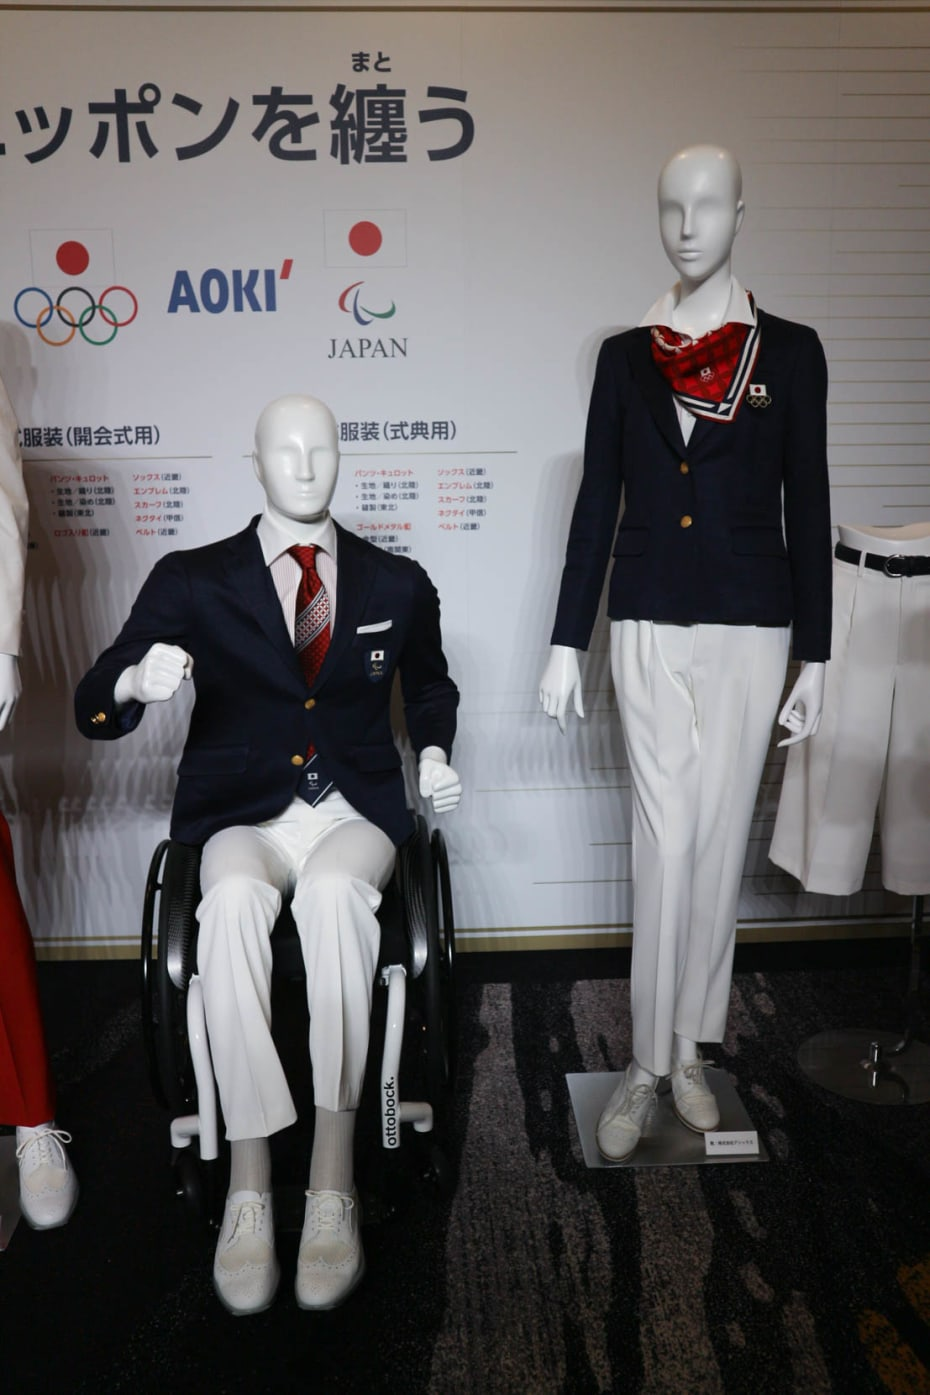 東京五輪日本選手団AOKI製作の公式服装が披露、オリ・パラ同一デザインは初